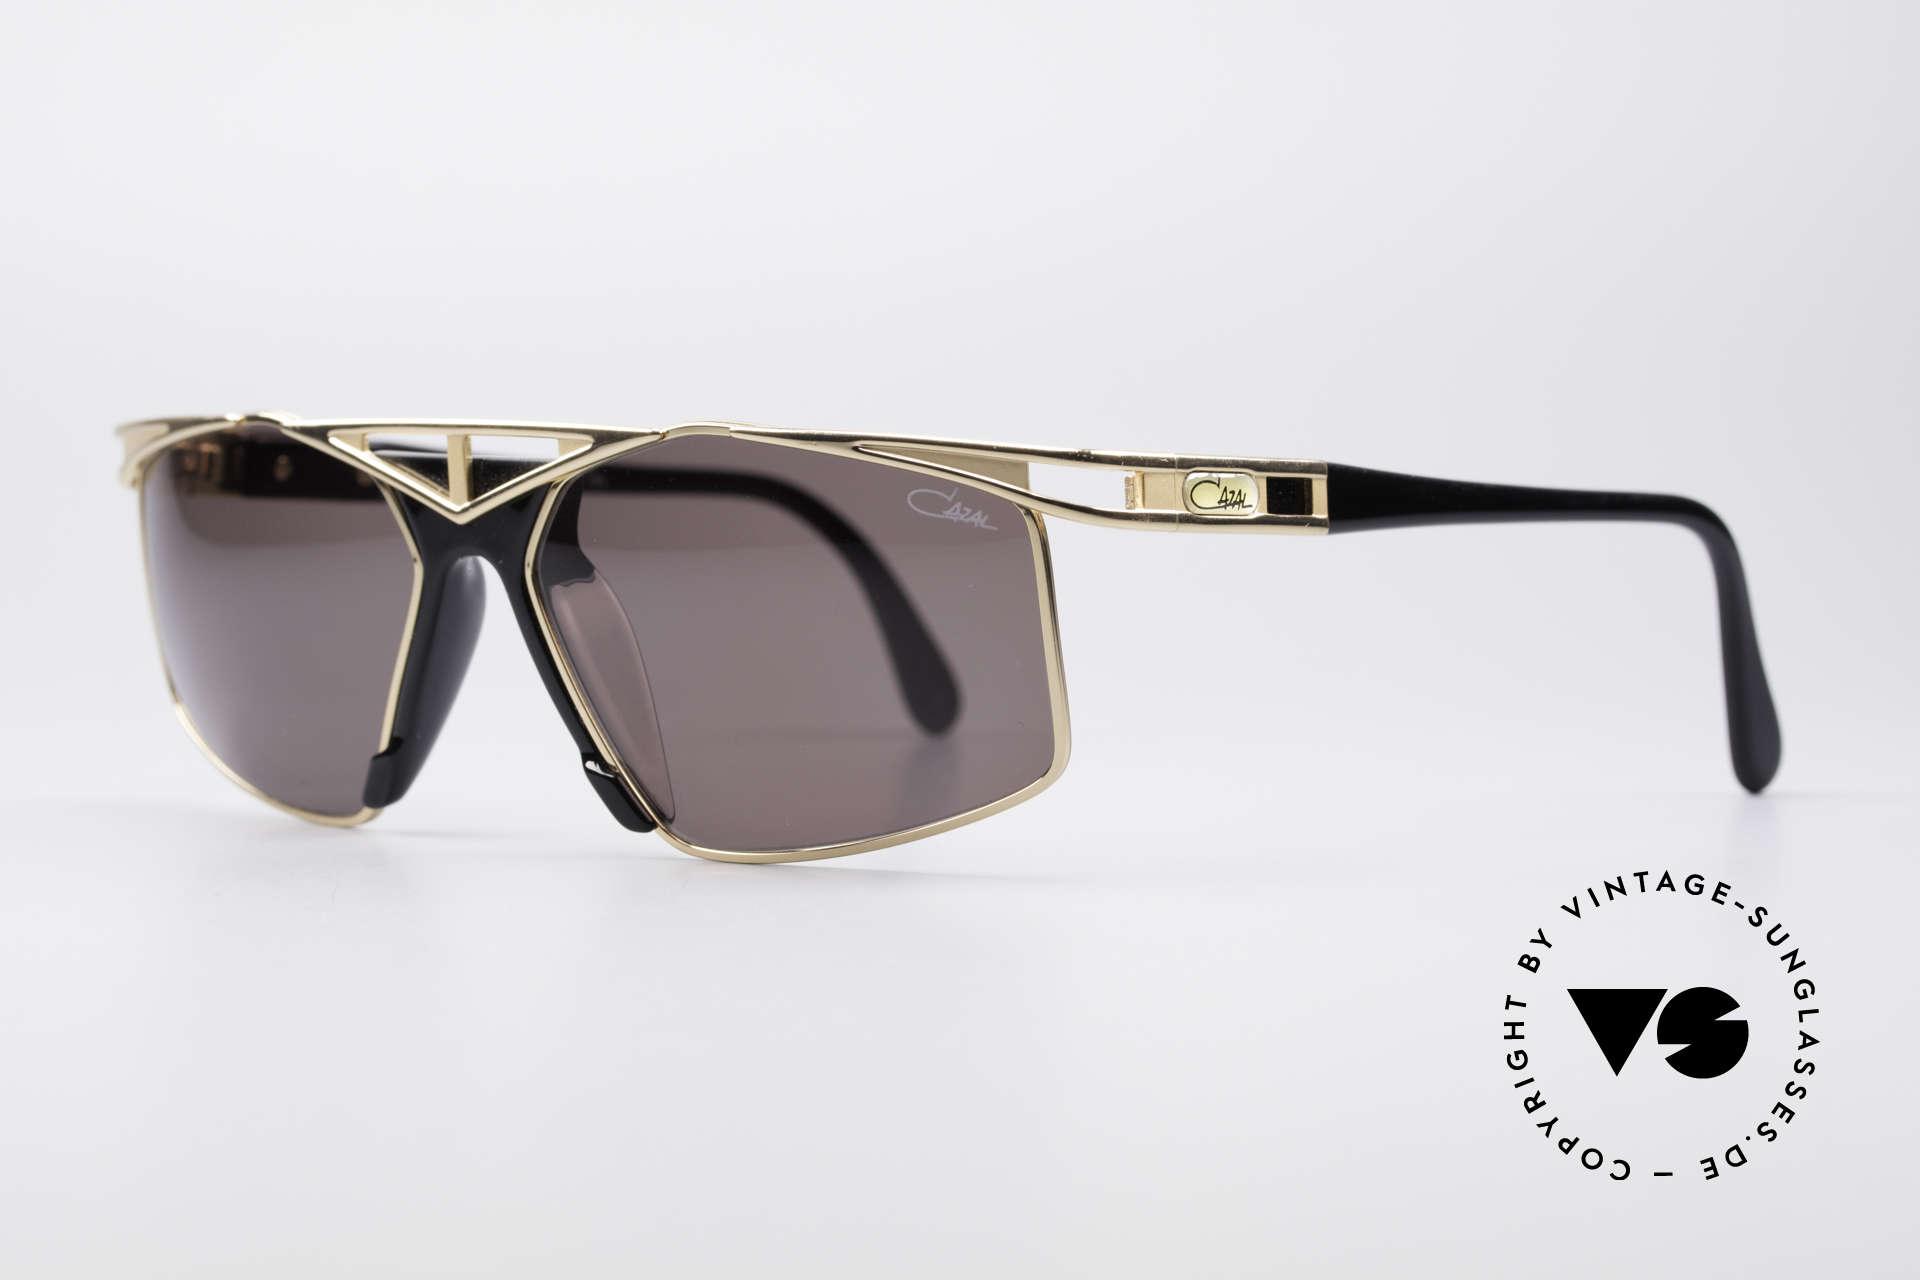 Cazal 962 Sportliche Designer Brille, tolle Kombination v. Farbkonzept, Design & Materialien, Passend für Herren und Damen